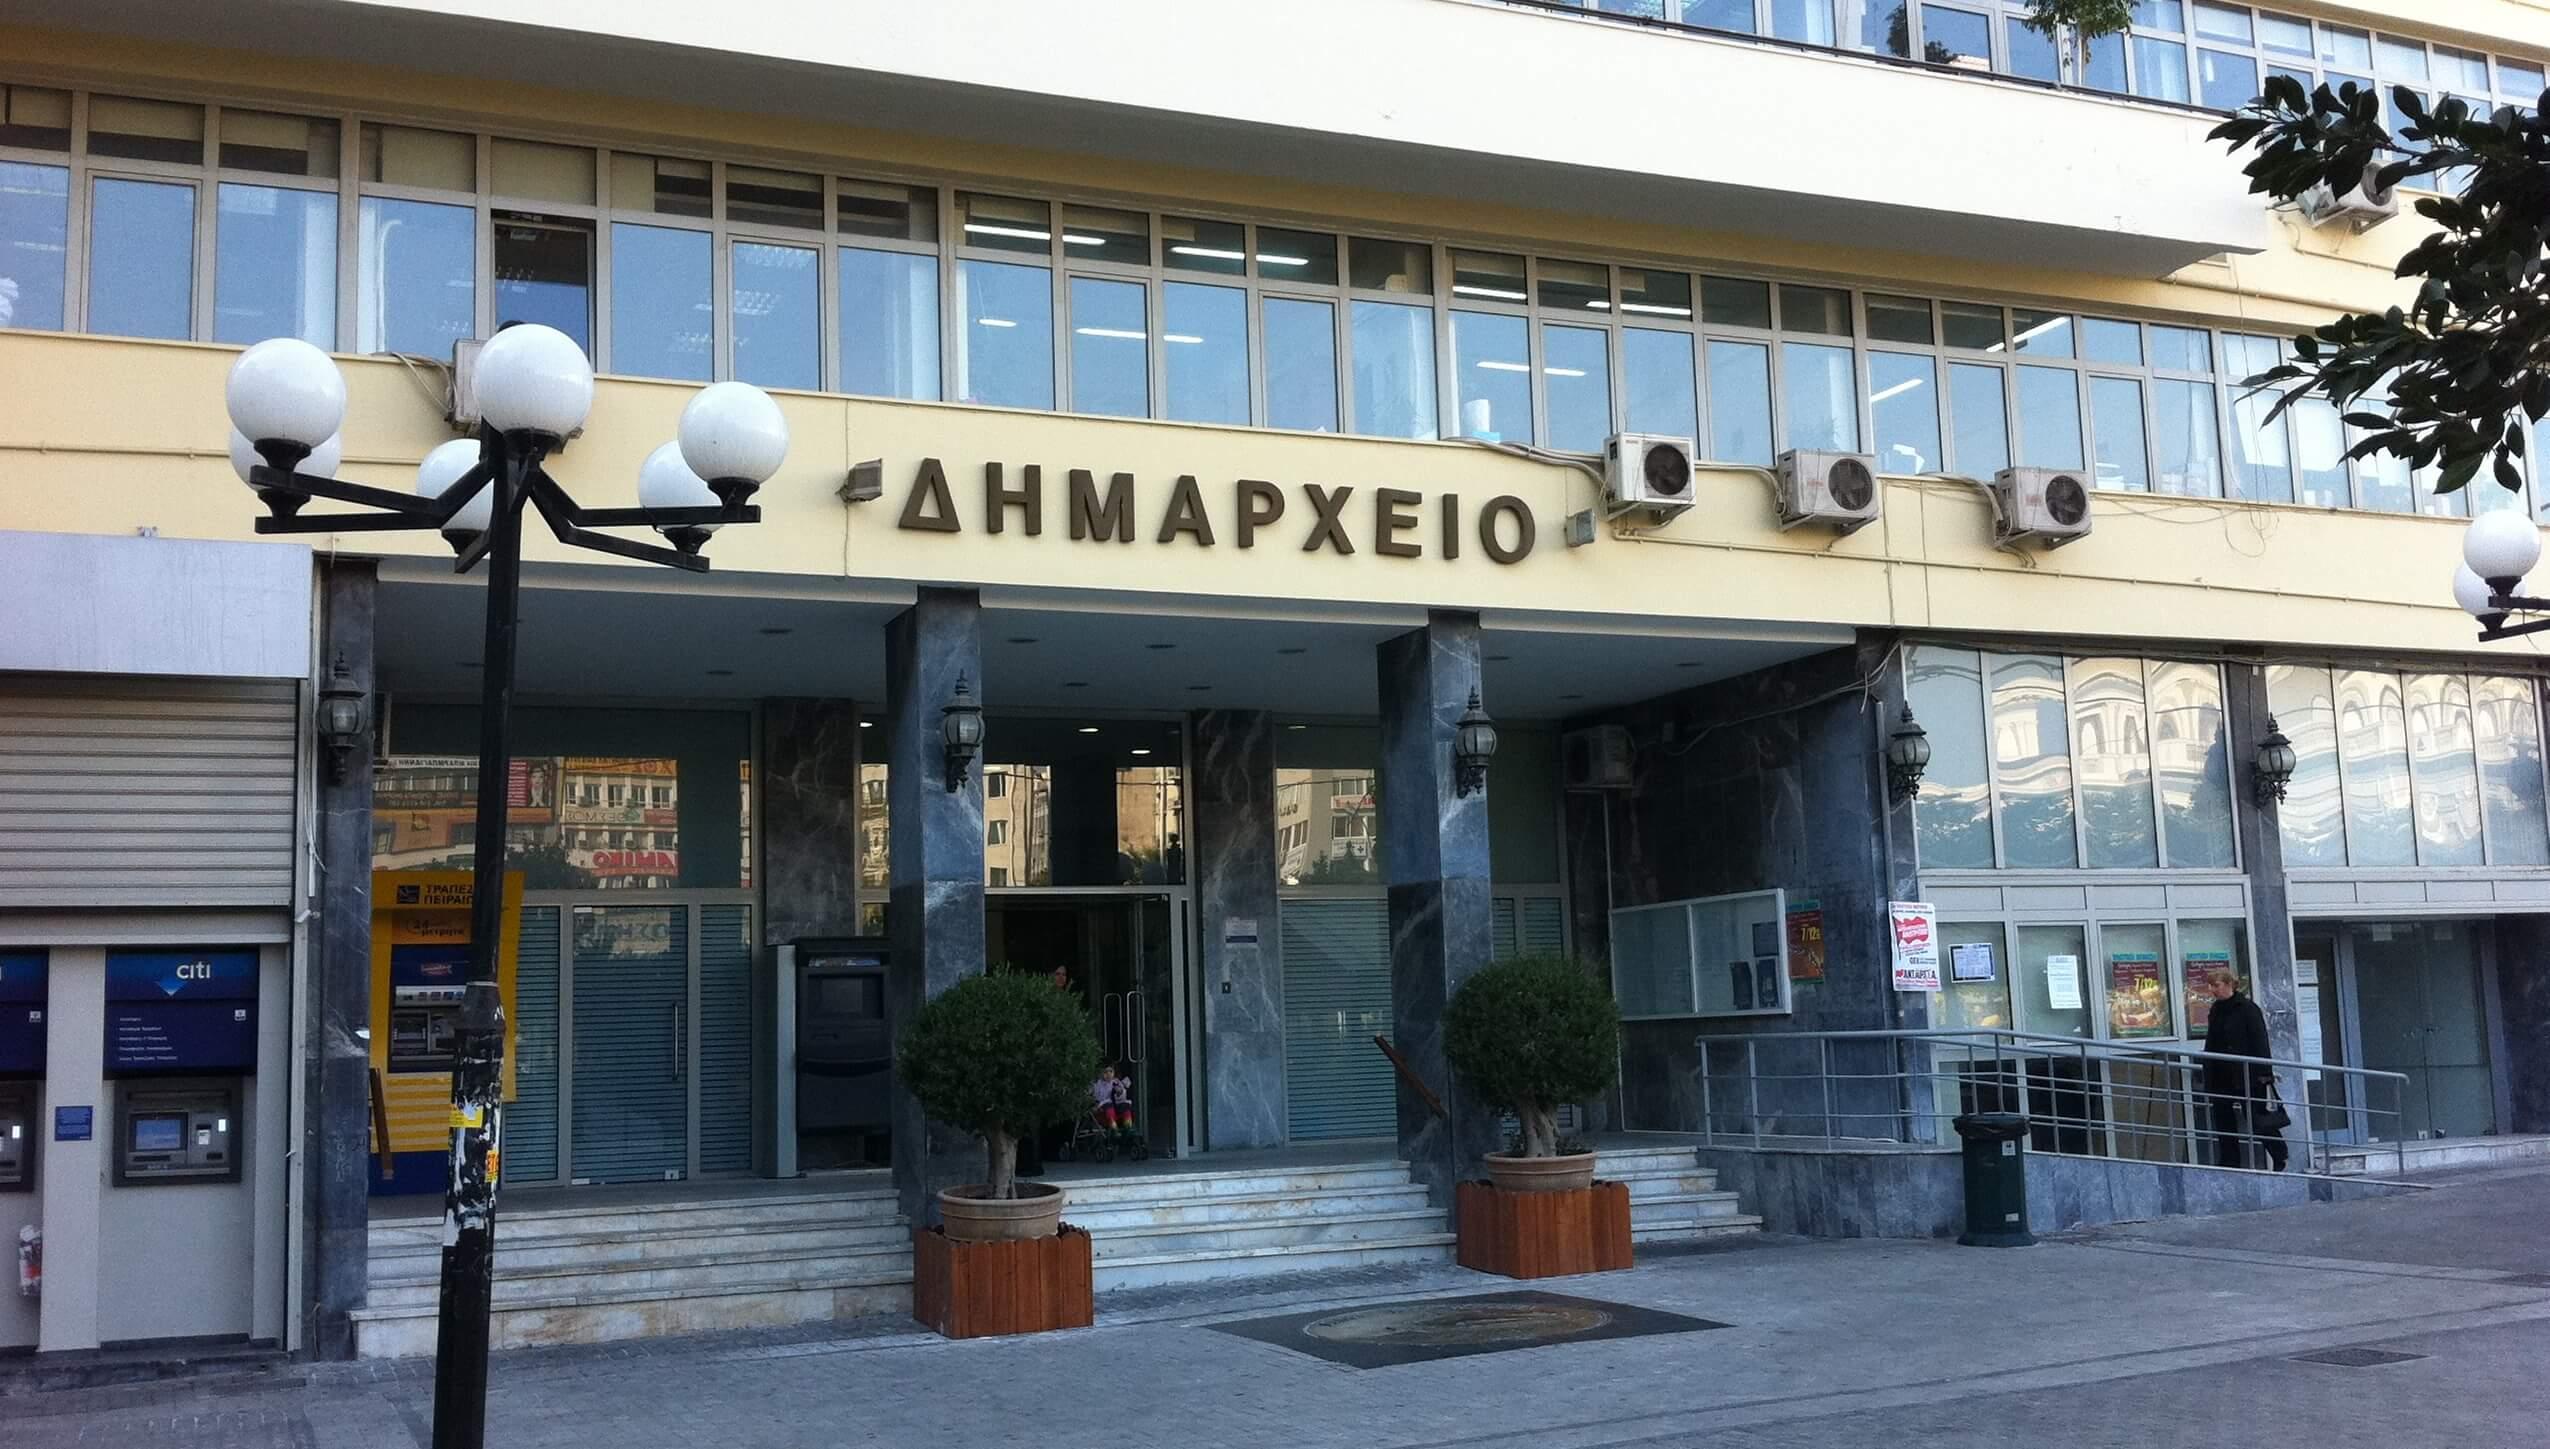 Με ραντεβού οι επισκέψεις στον Δήμο Πειραιά λόγω κορωνοϊού